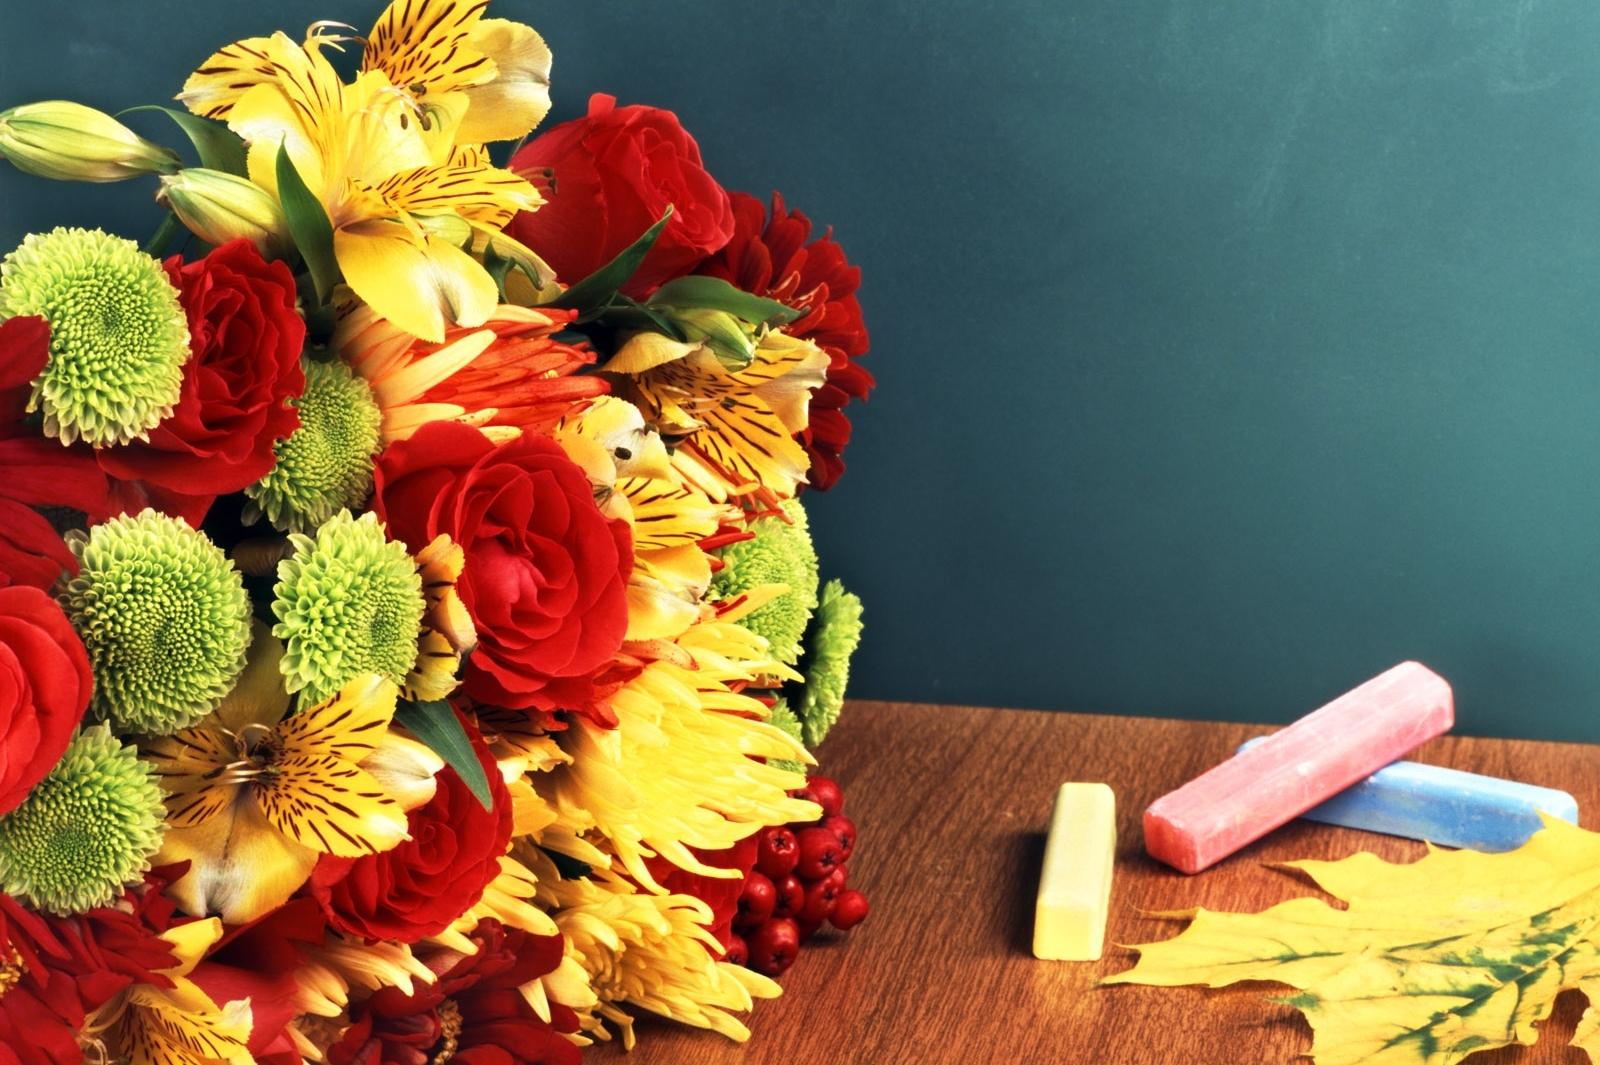 Поздравление для преподавателей вуза с днем учителя